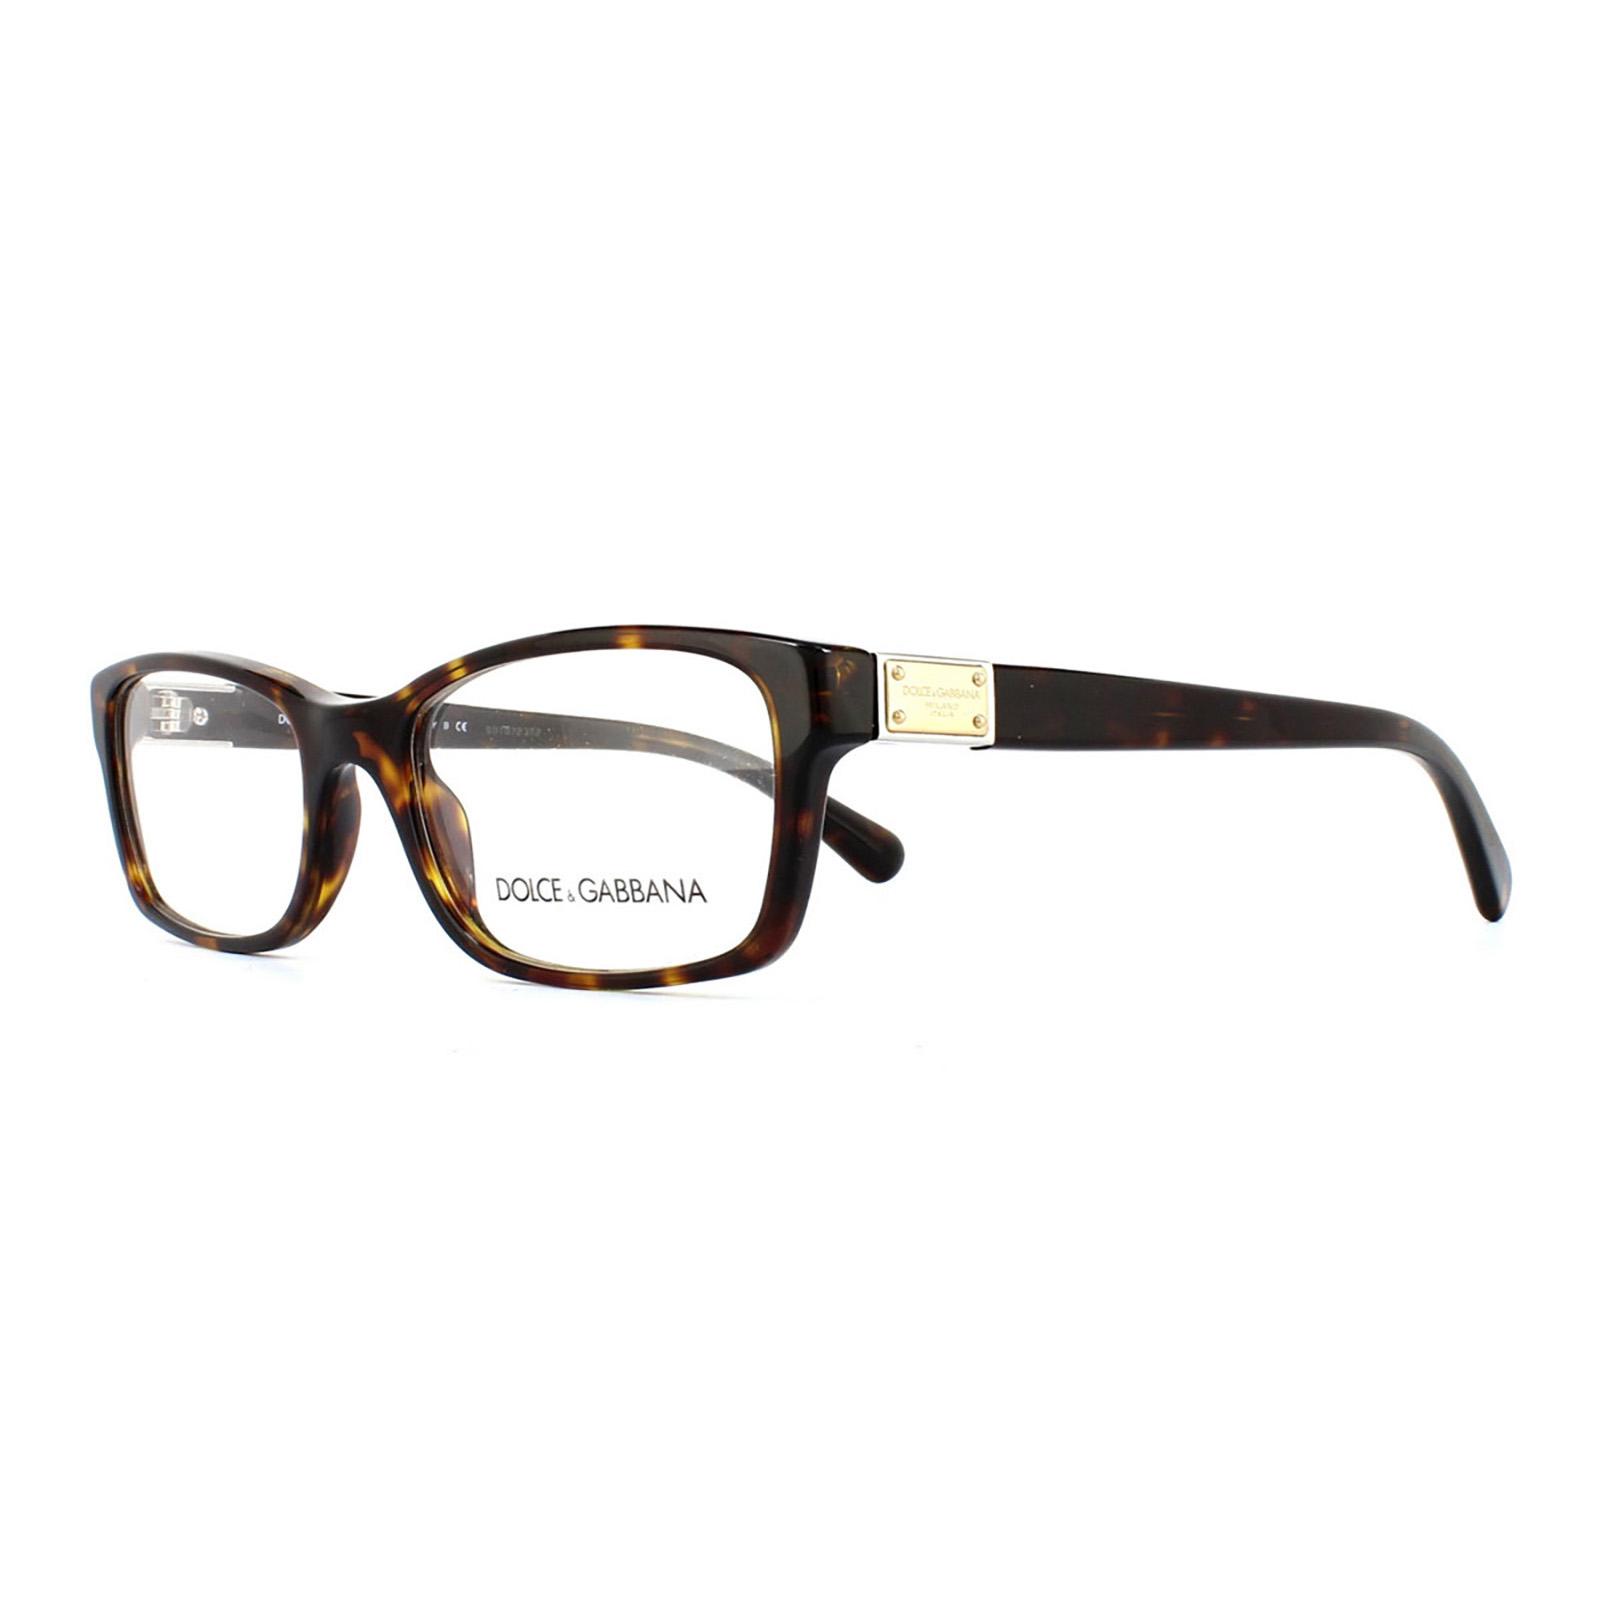 Dolce amp Gabbana Eyeglasses amp Frames  Pearle Vision